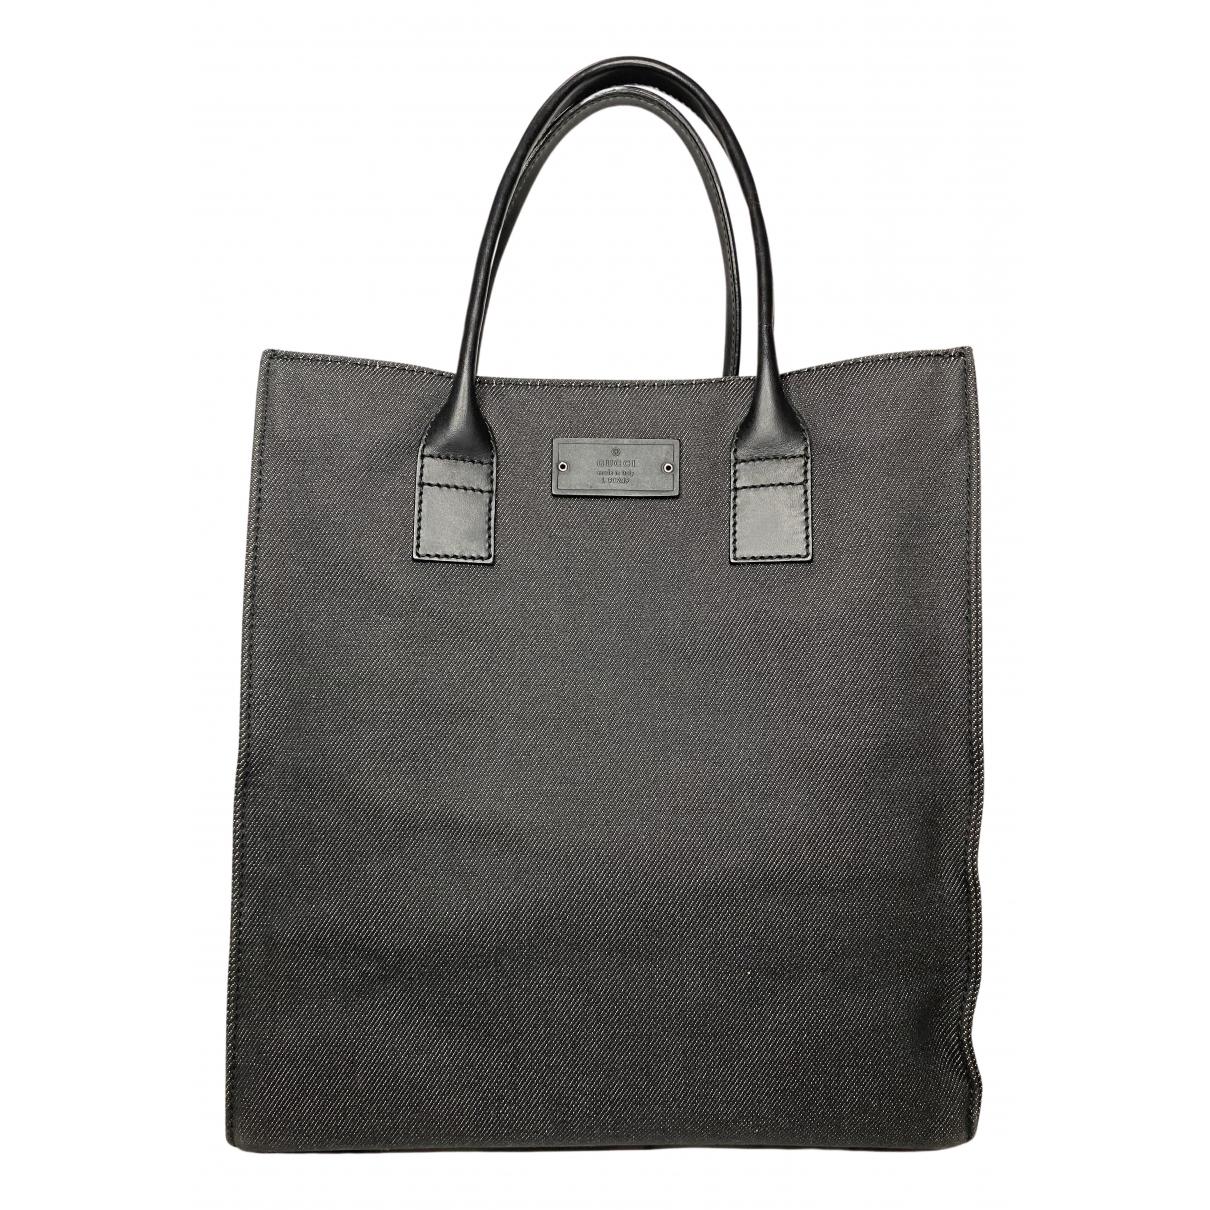 Gucci \N Handtasche in Denim - Jeans